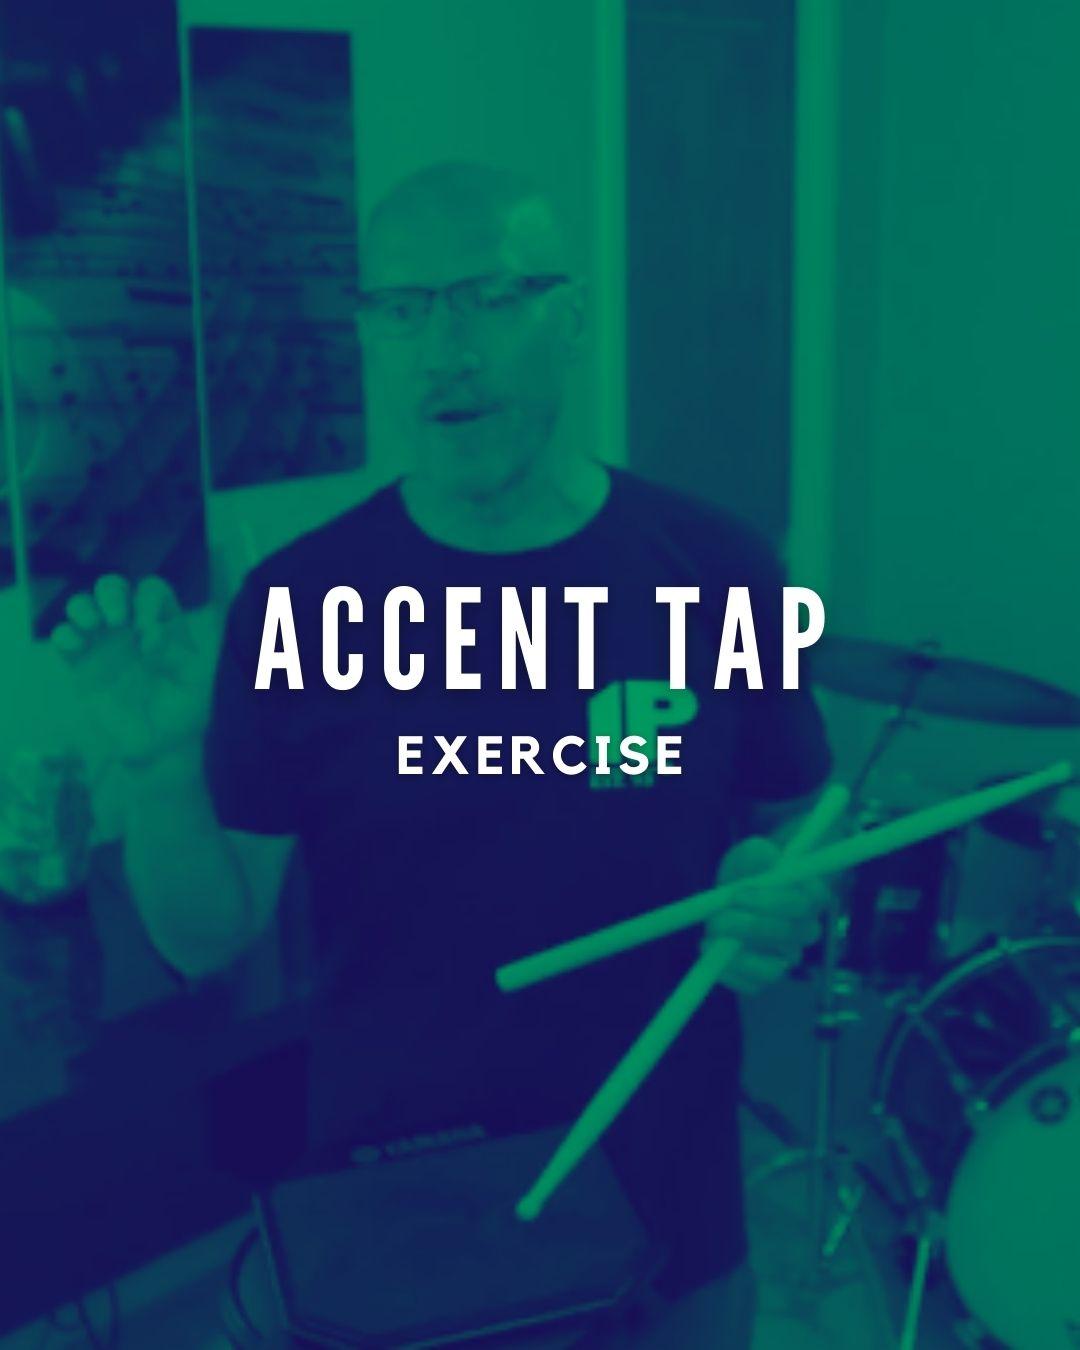 Accent Tap